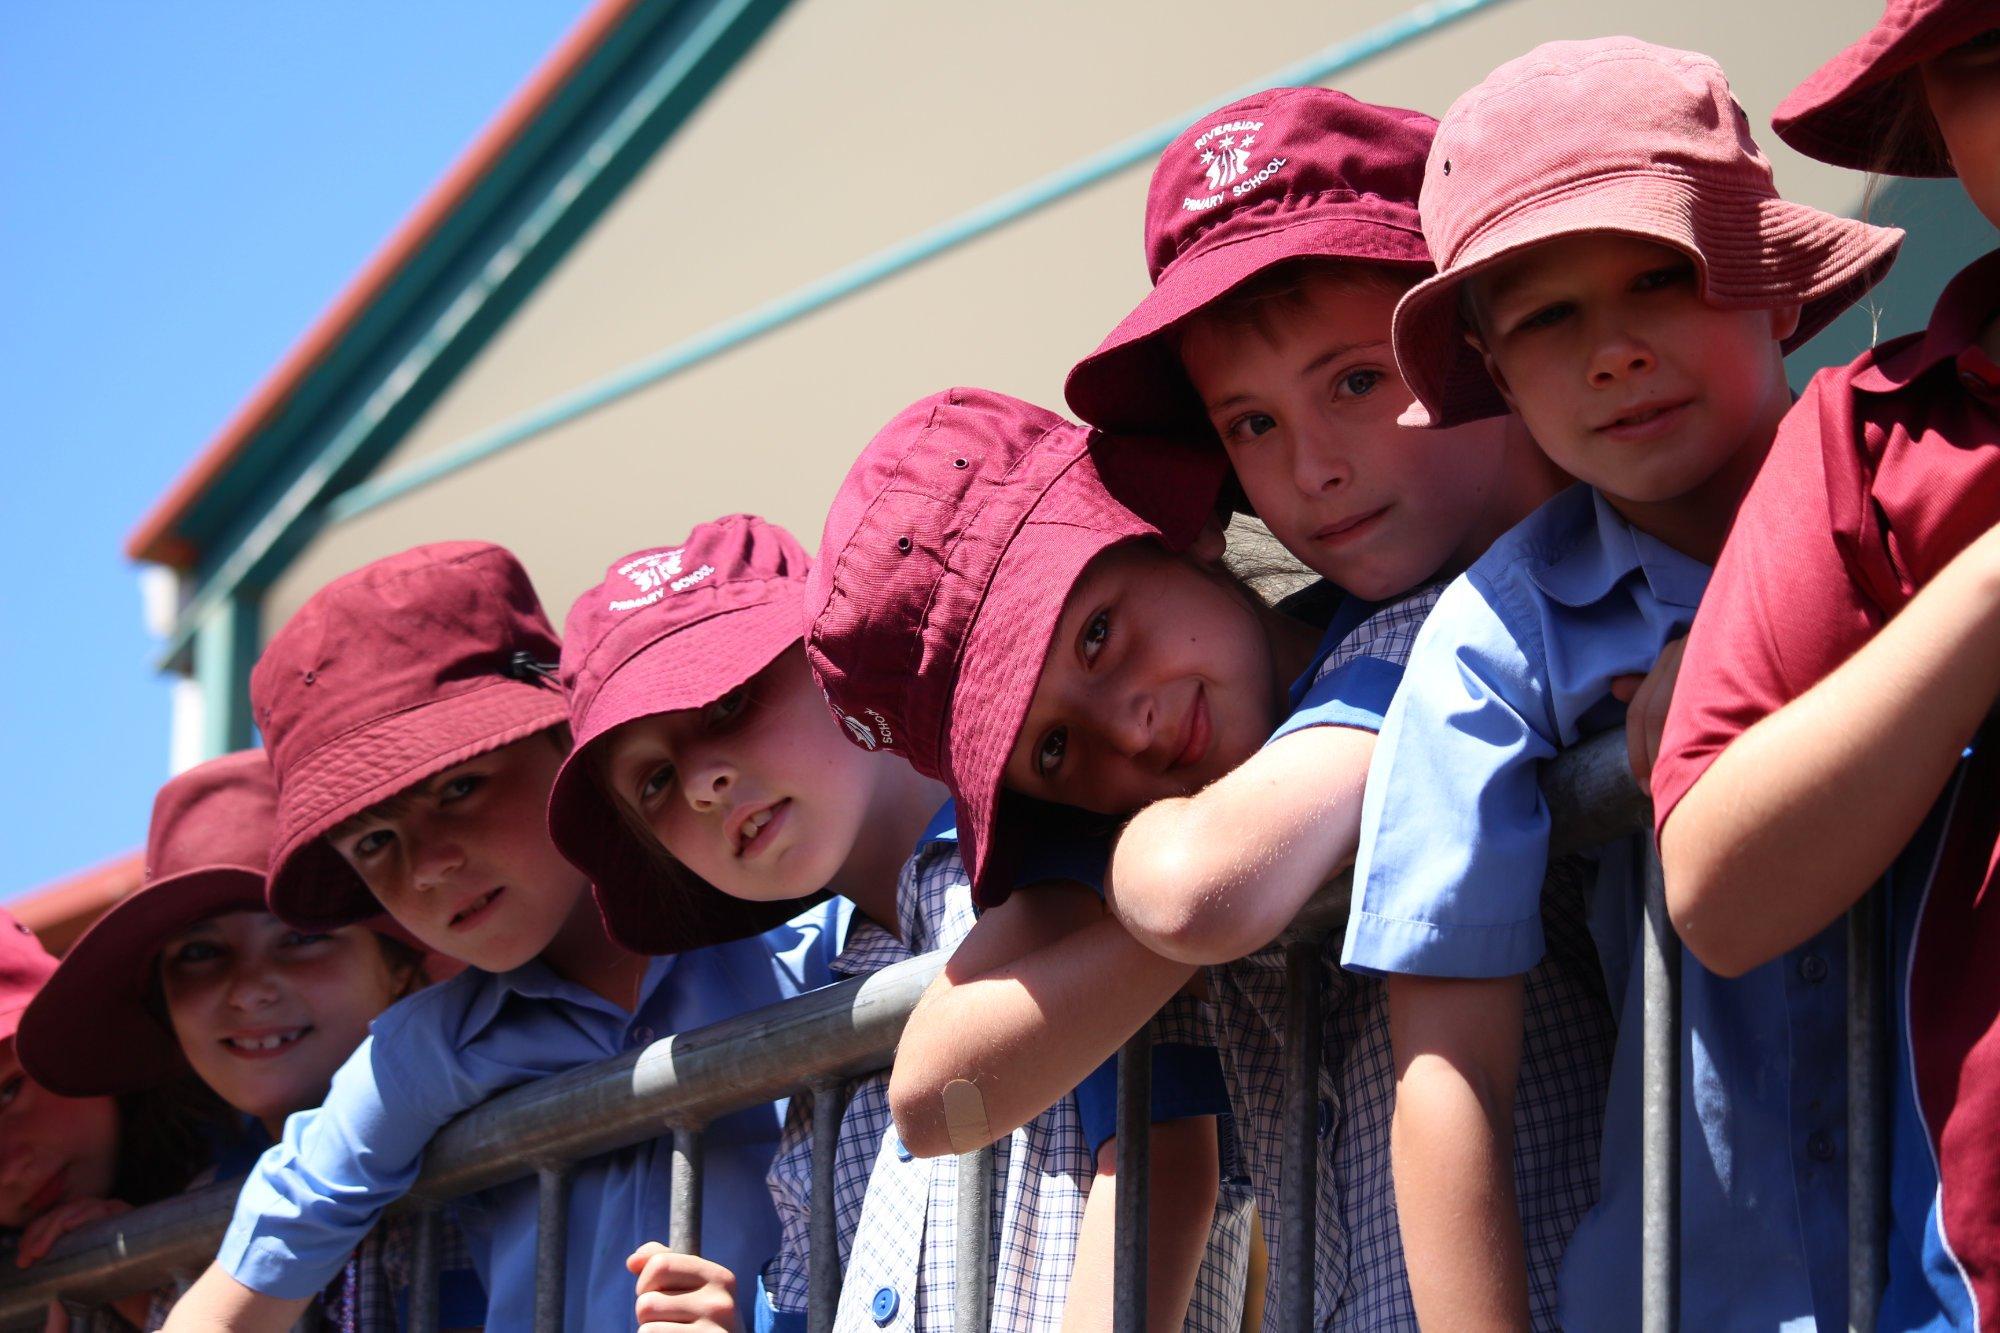 Children leaning over rail